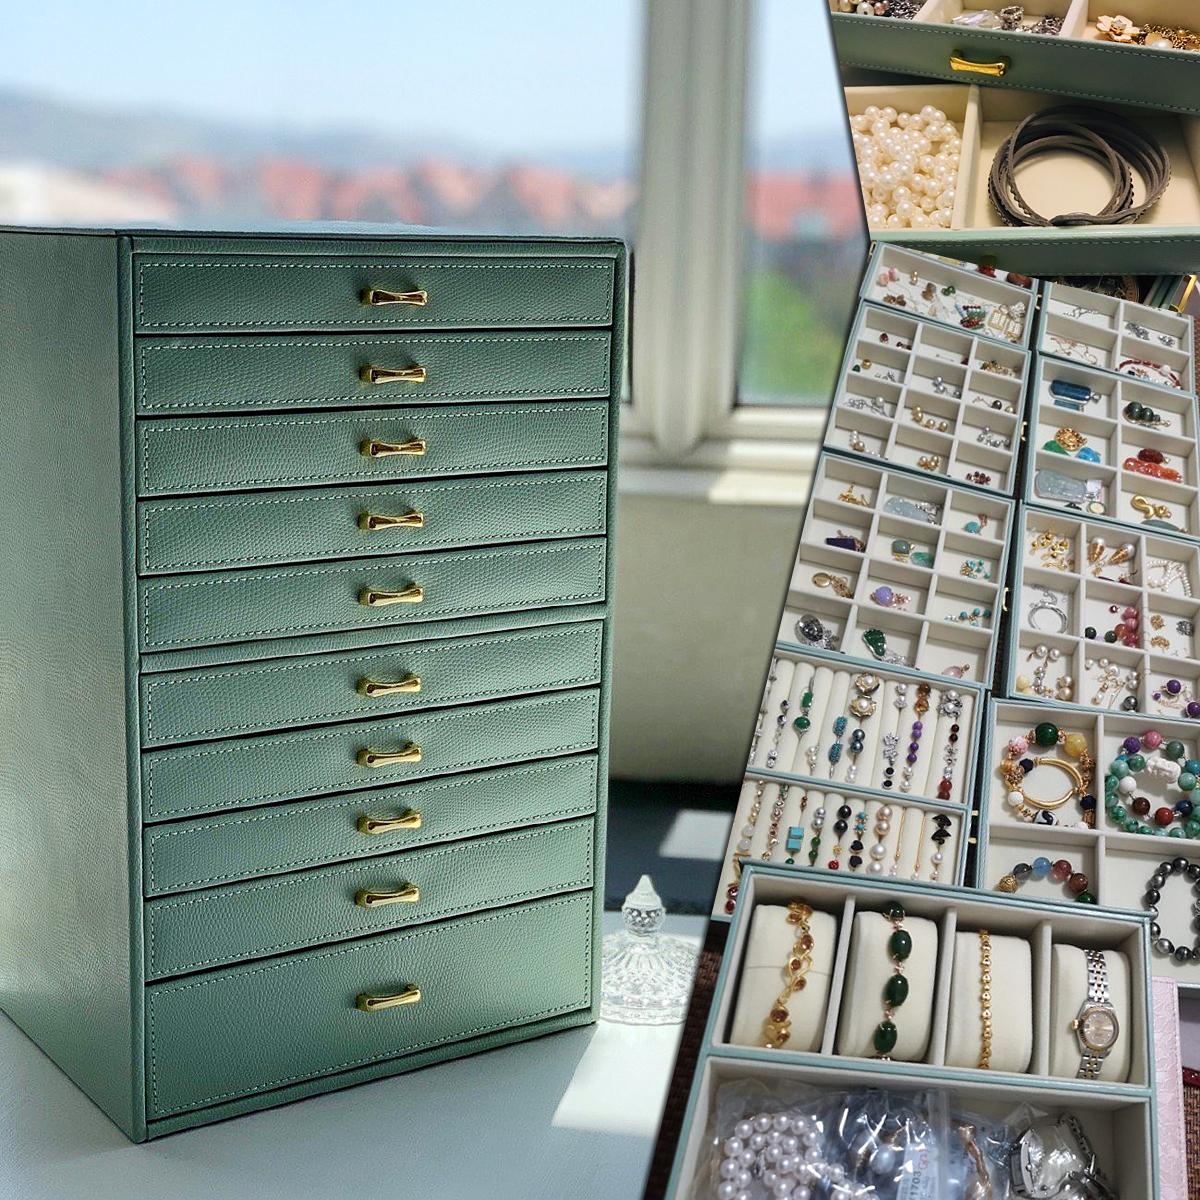 首饰盒欧式大容量公主饰品收纳盒韩国珠宝首饰箱木质真皮皮革手表